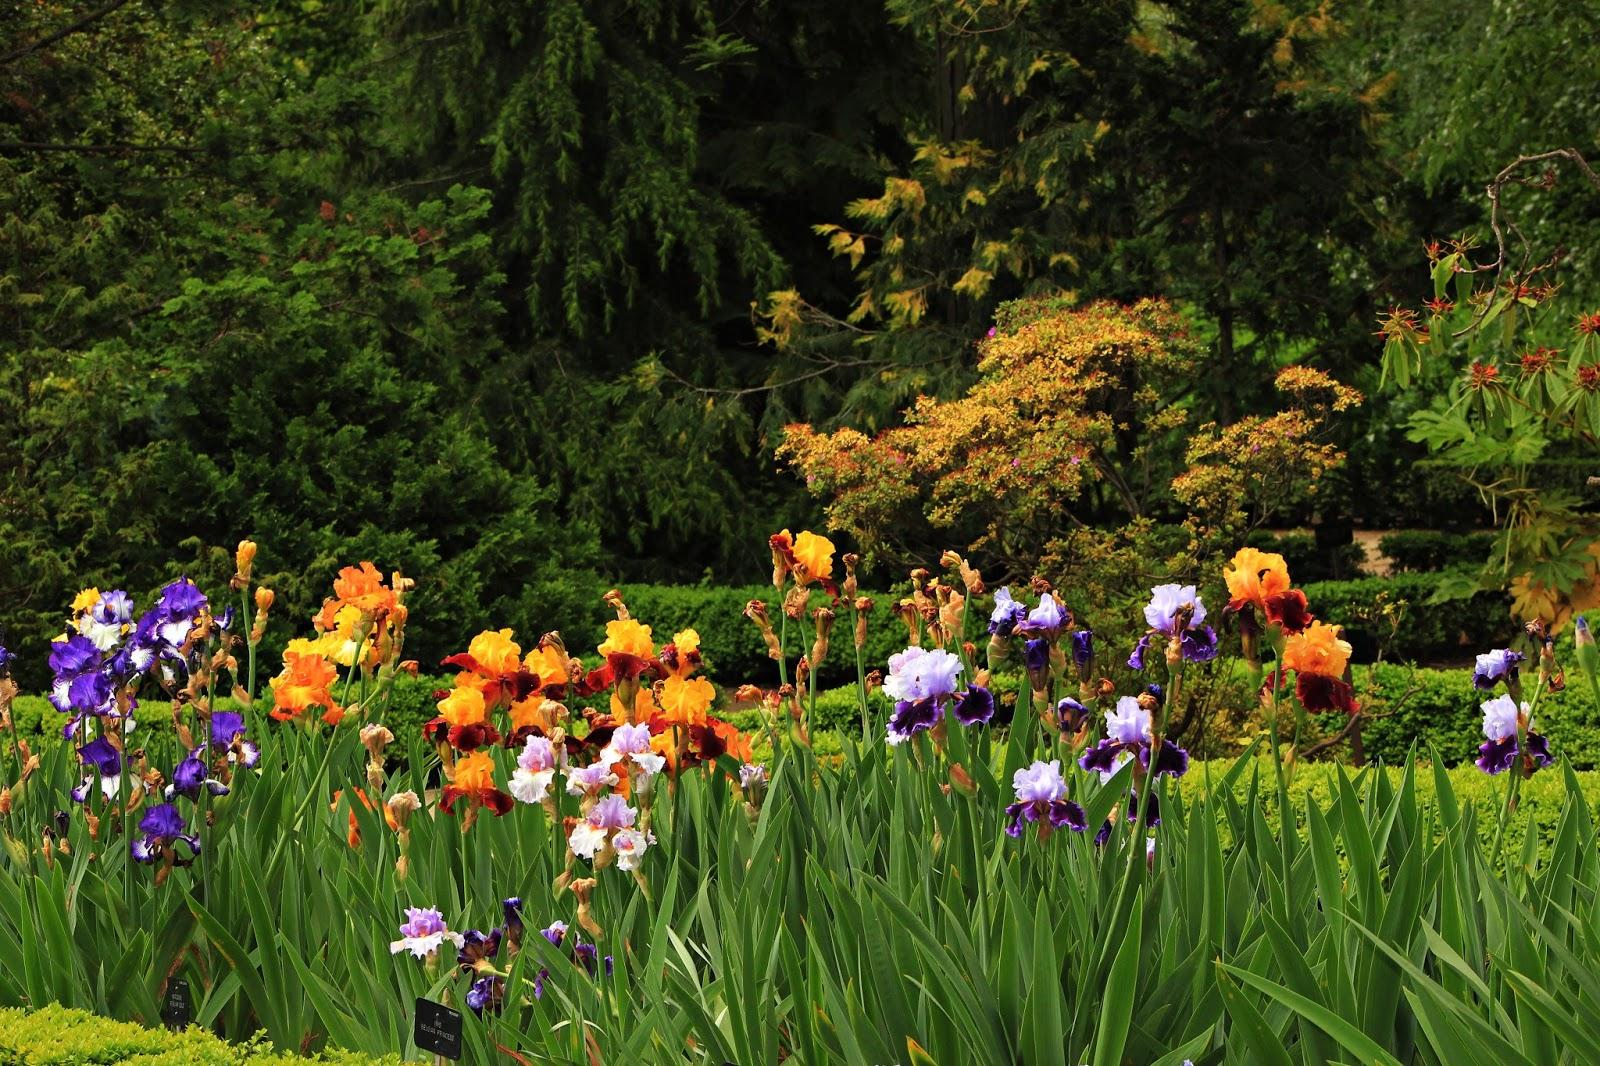 Arte y jardiner a lirios iris for Jardin 7 colores bernal